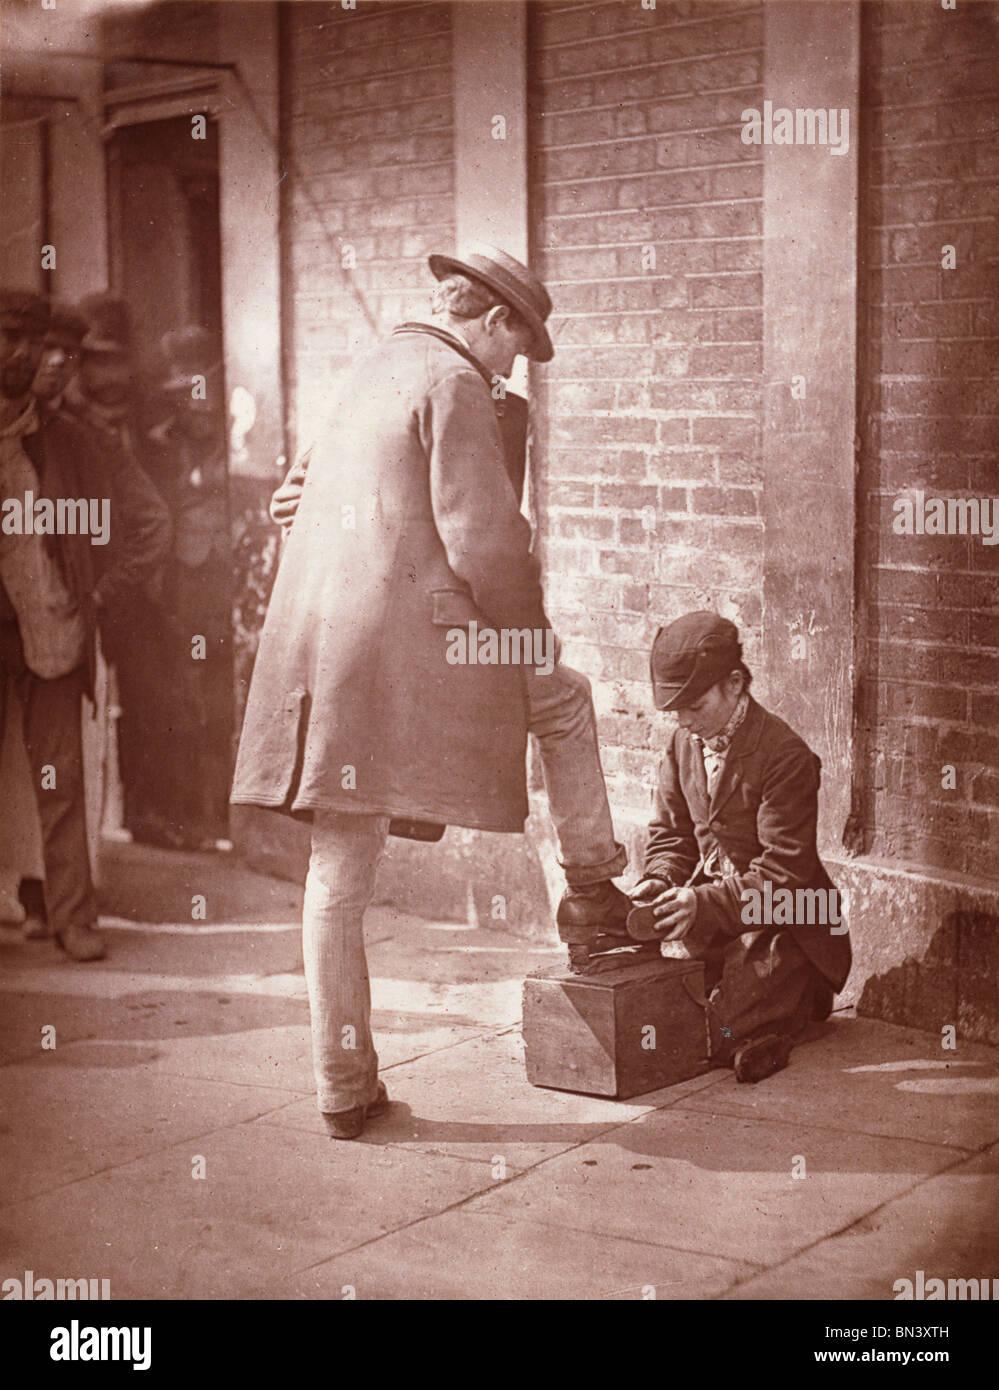 Il drammatico Shoe-Black, da John Thomson. Londra, Inghilterra, fine del XIX secolo Immagini Stock